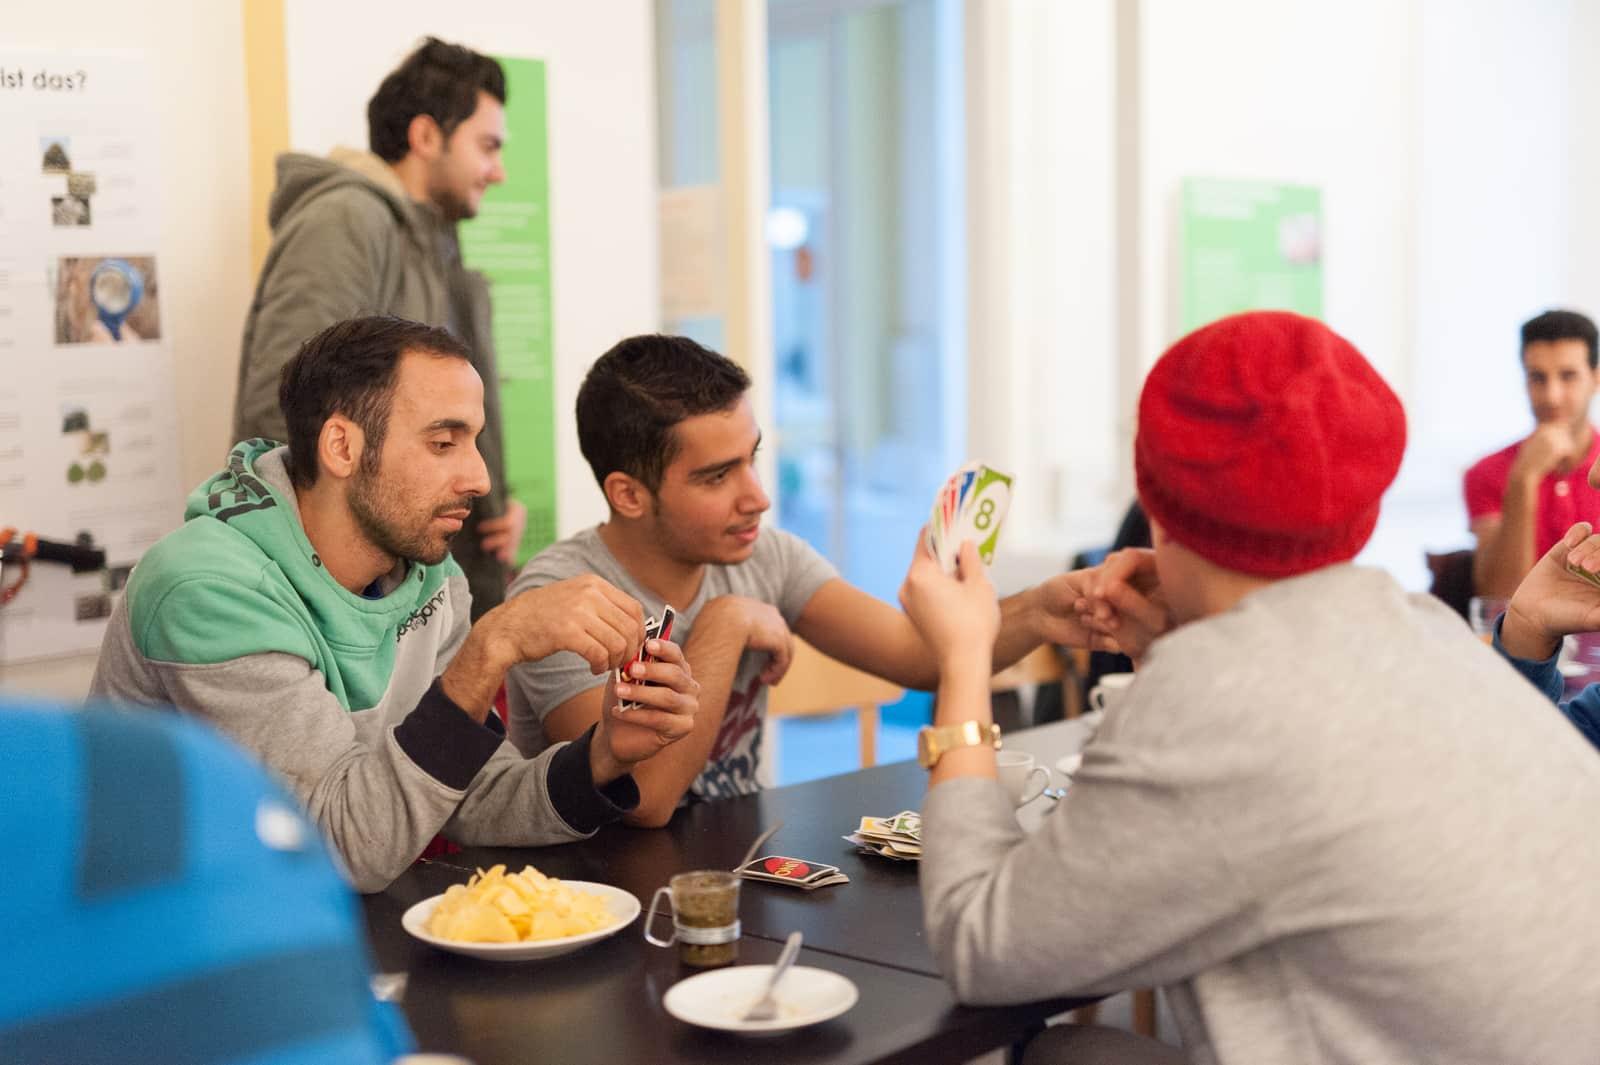 Fremde werden Freunde – eine Initiative für respektvolle Integration.